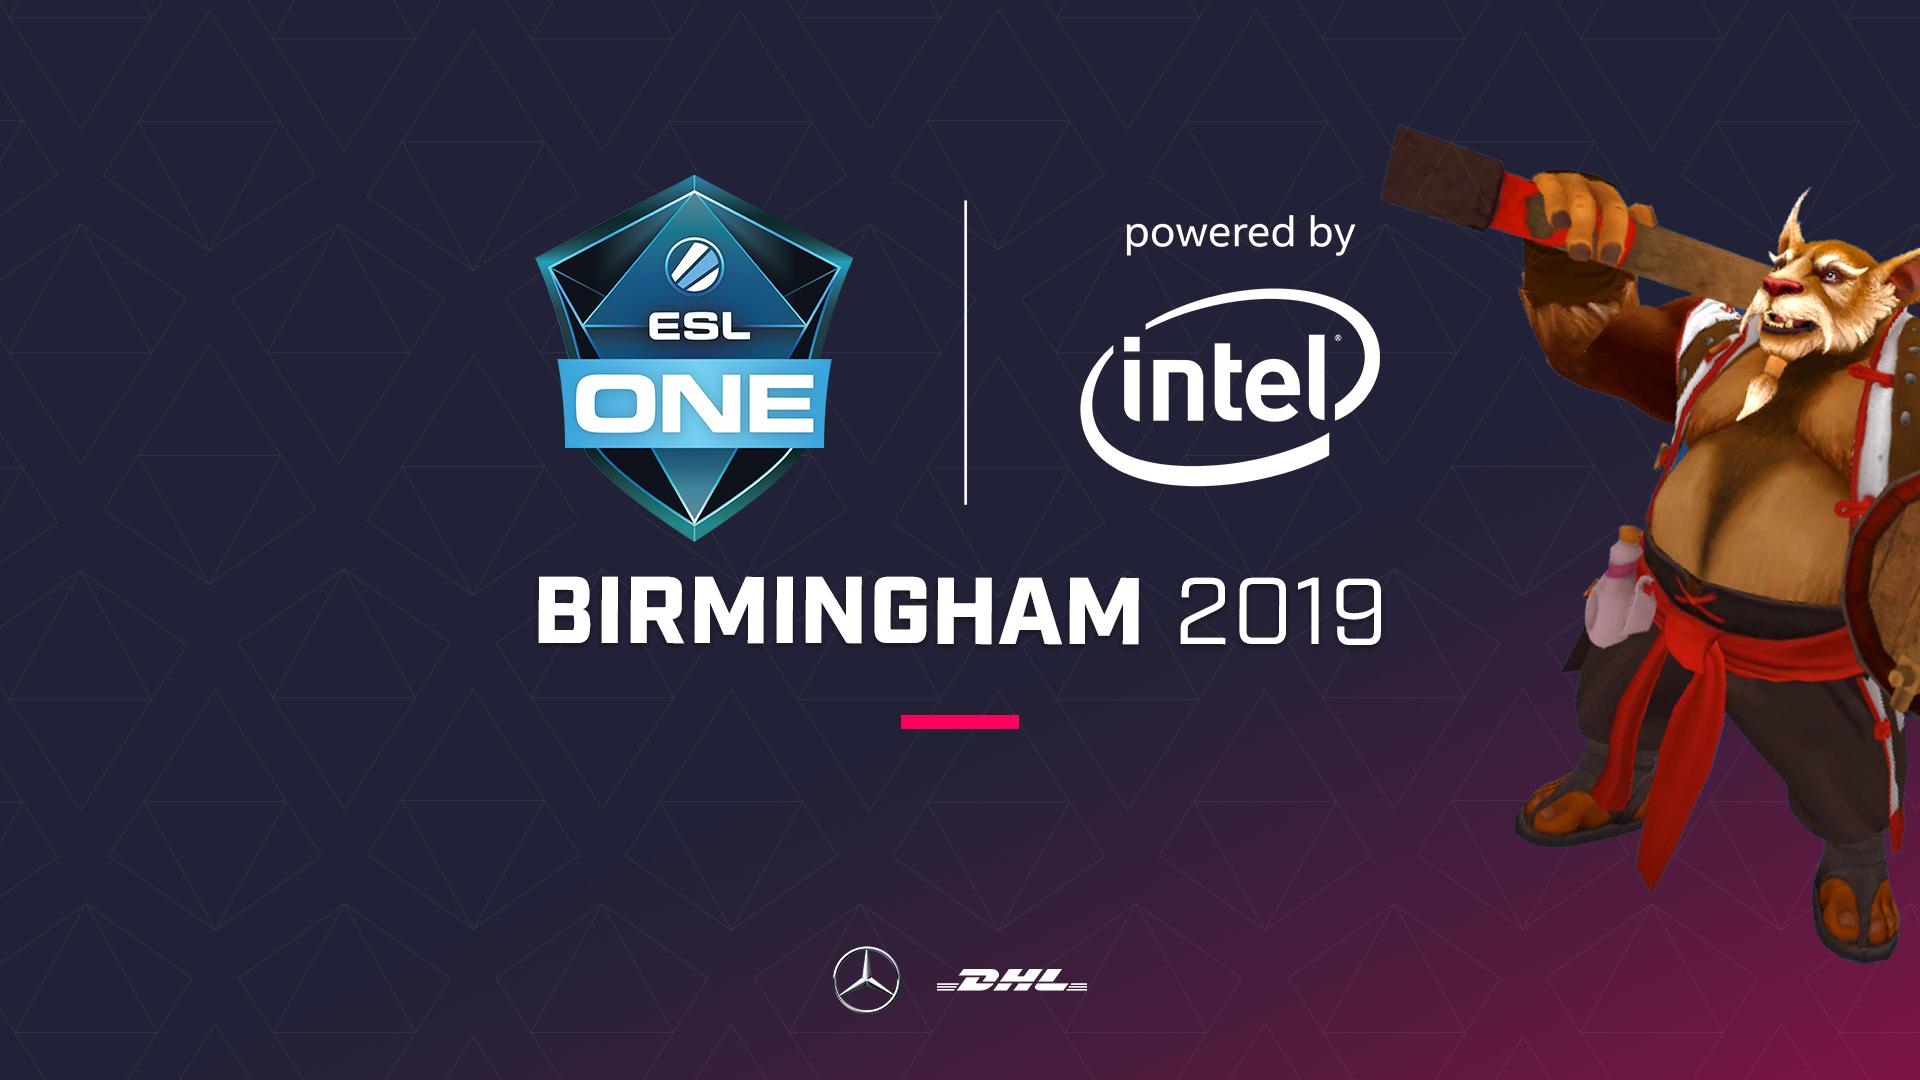 [DOTA 2] Tổng hợp kết quả ngày thi đấu cuối cùng ESL One Birmingham 2019